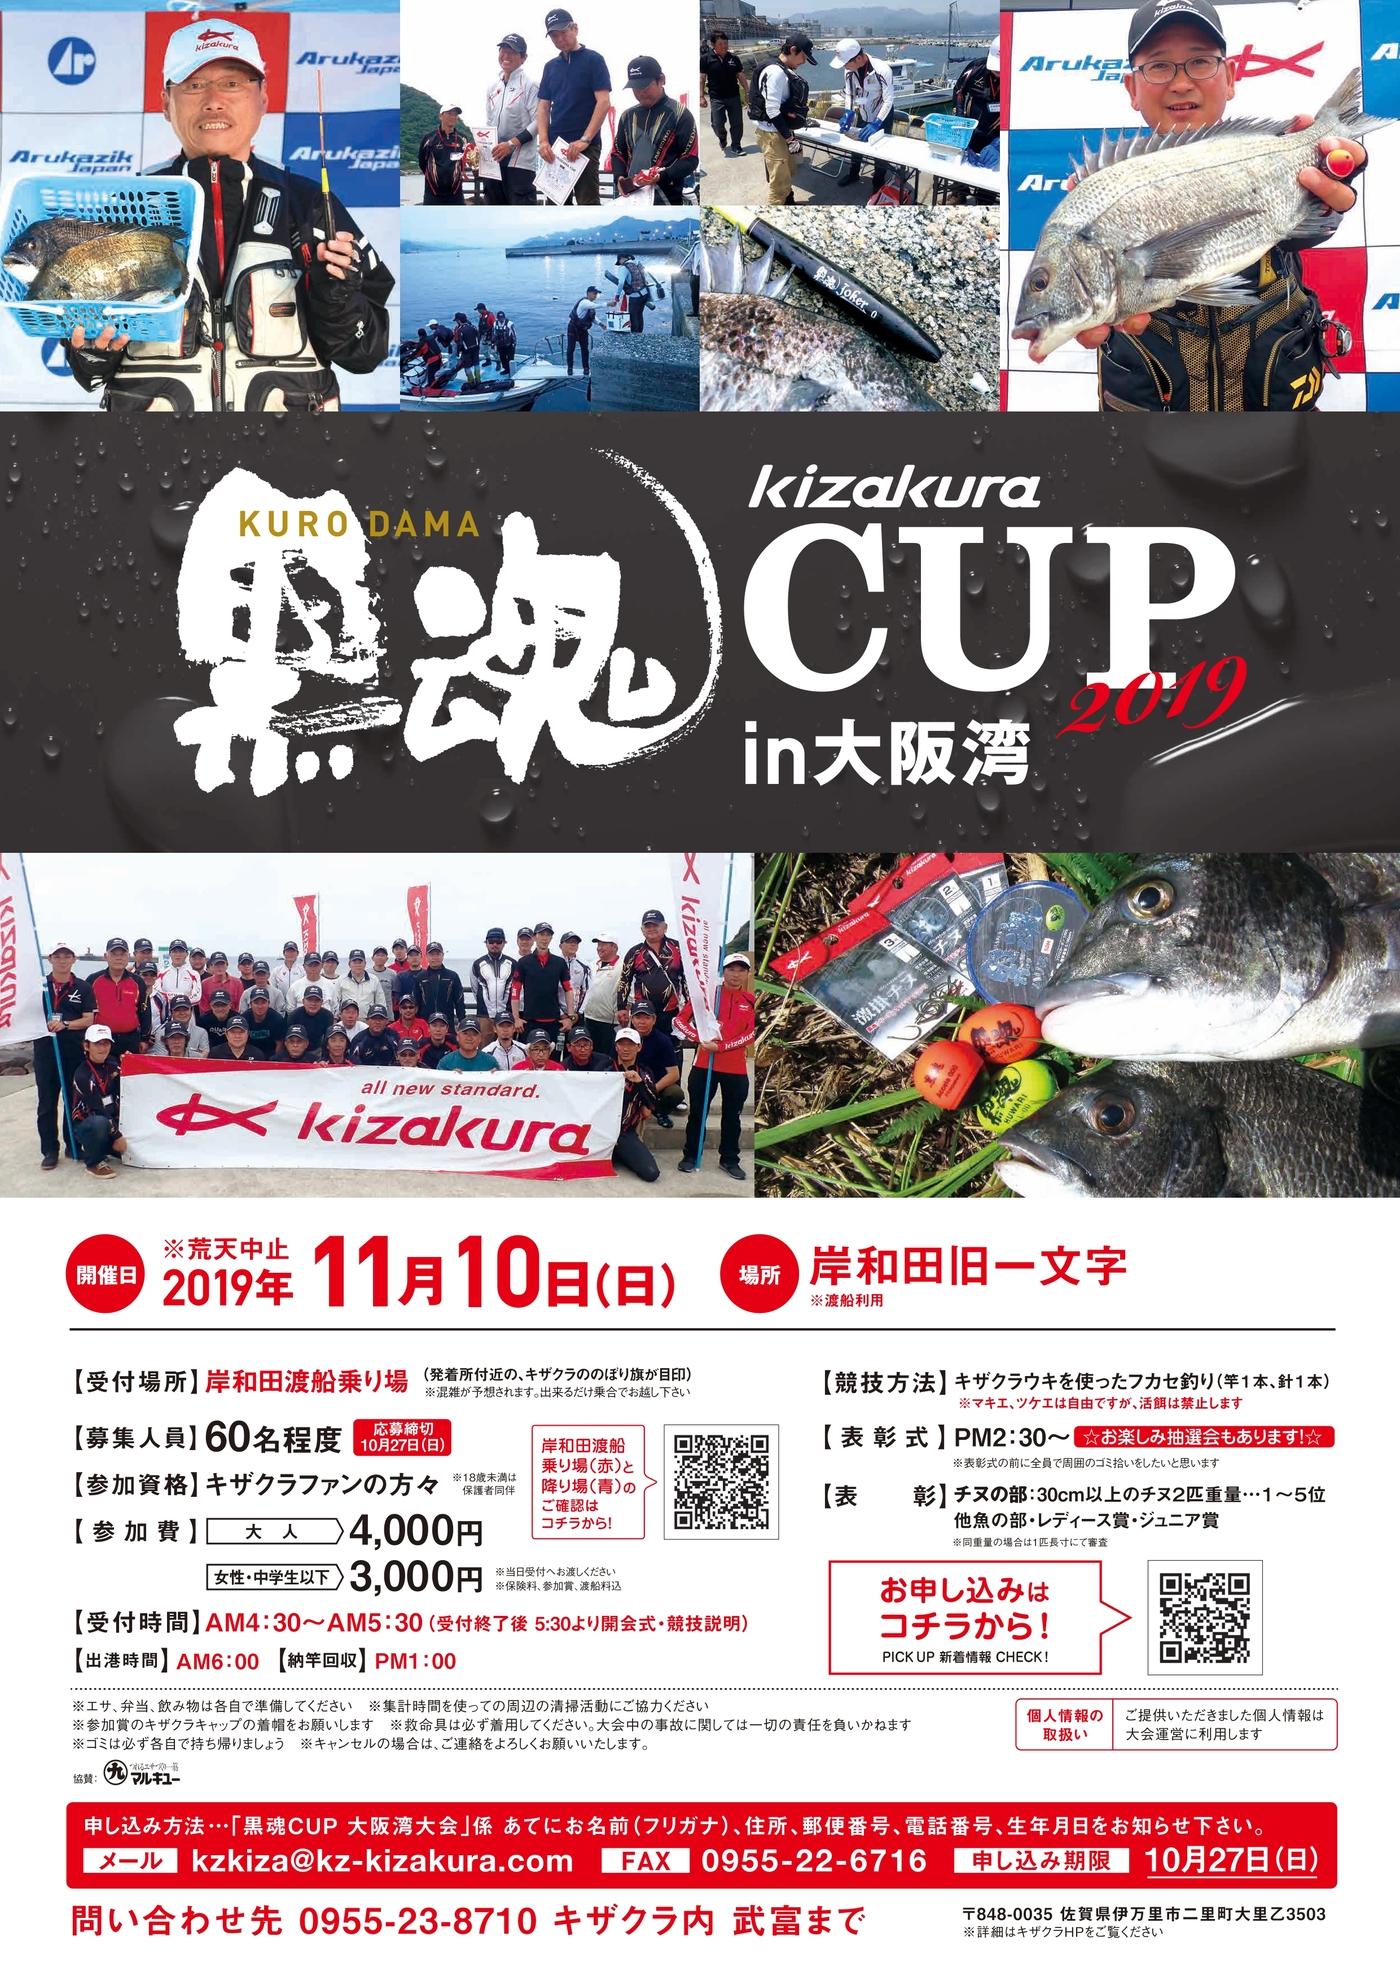 大阪決定1911_kurodamaCUP_osaka_20190930_page-0001 (1)